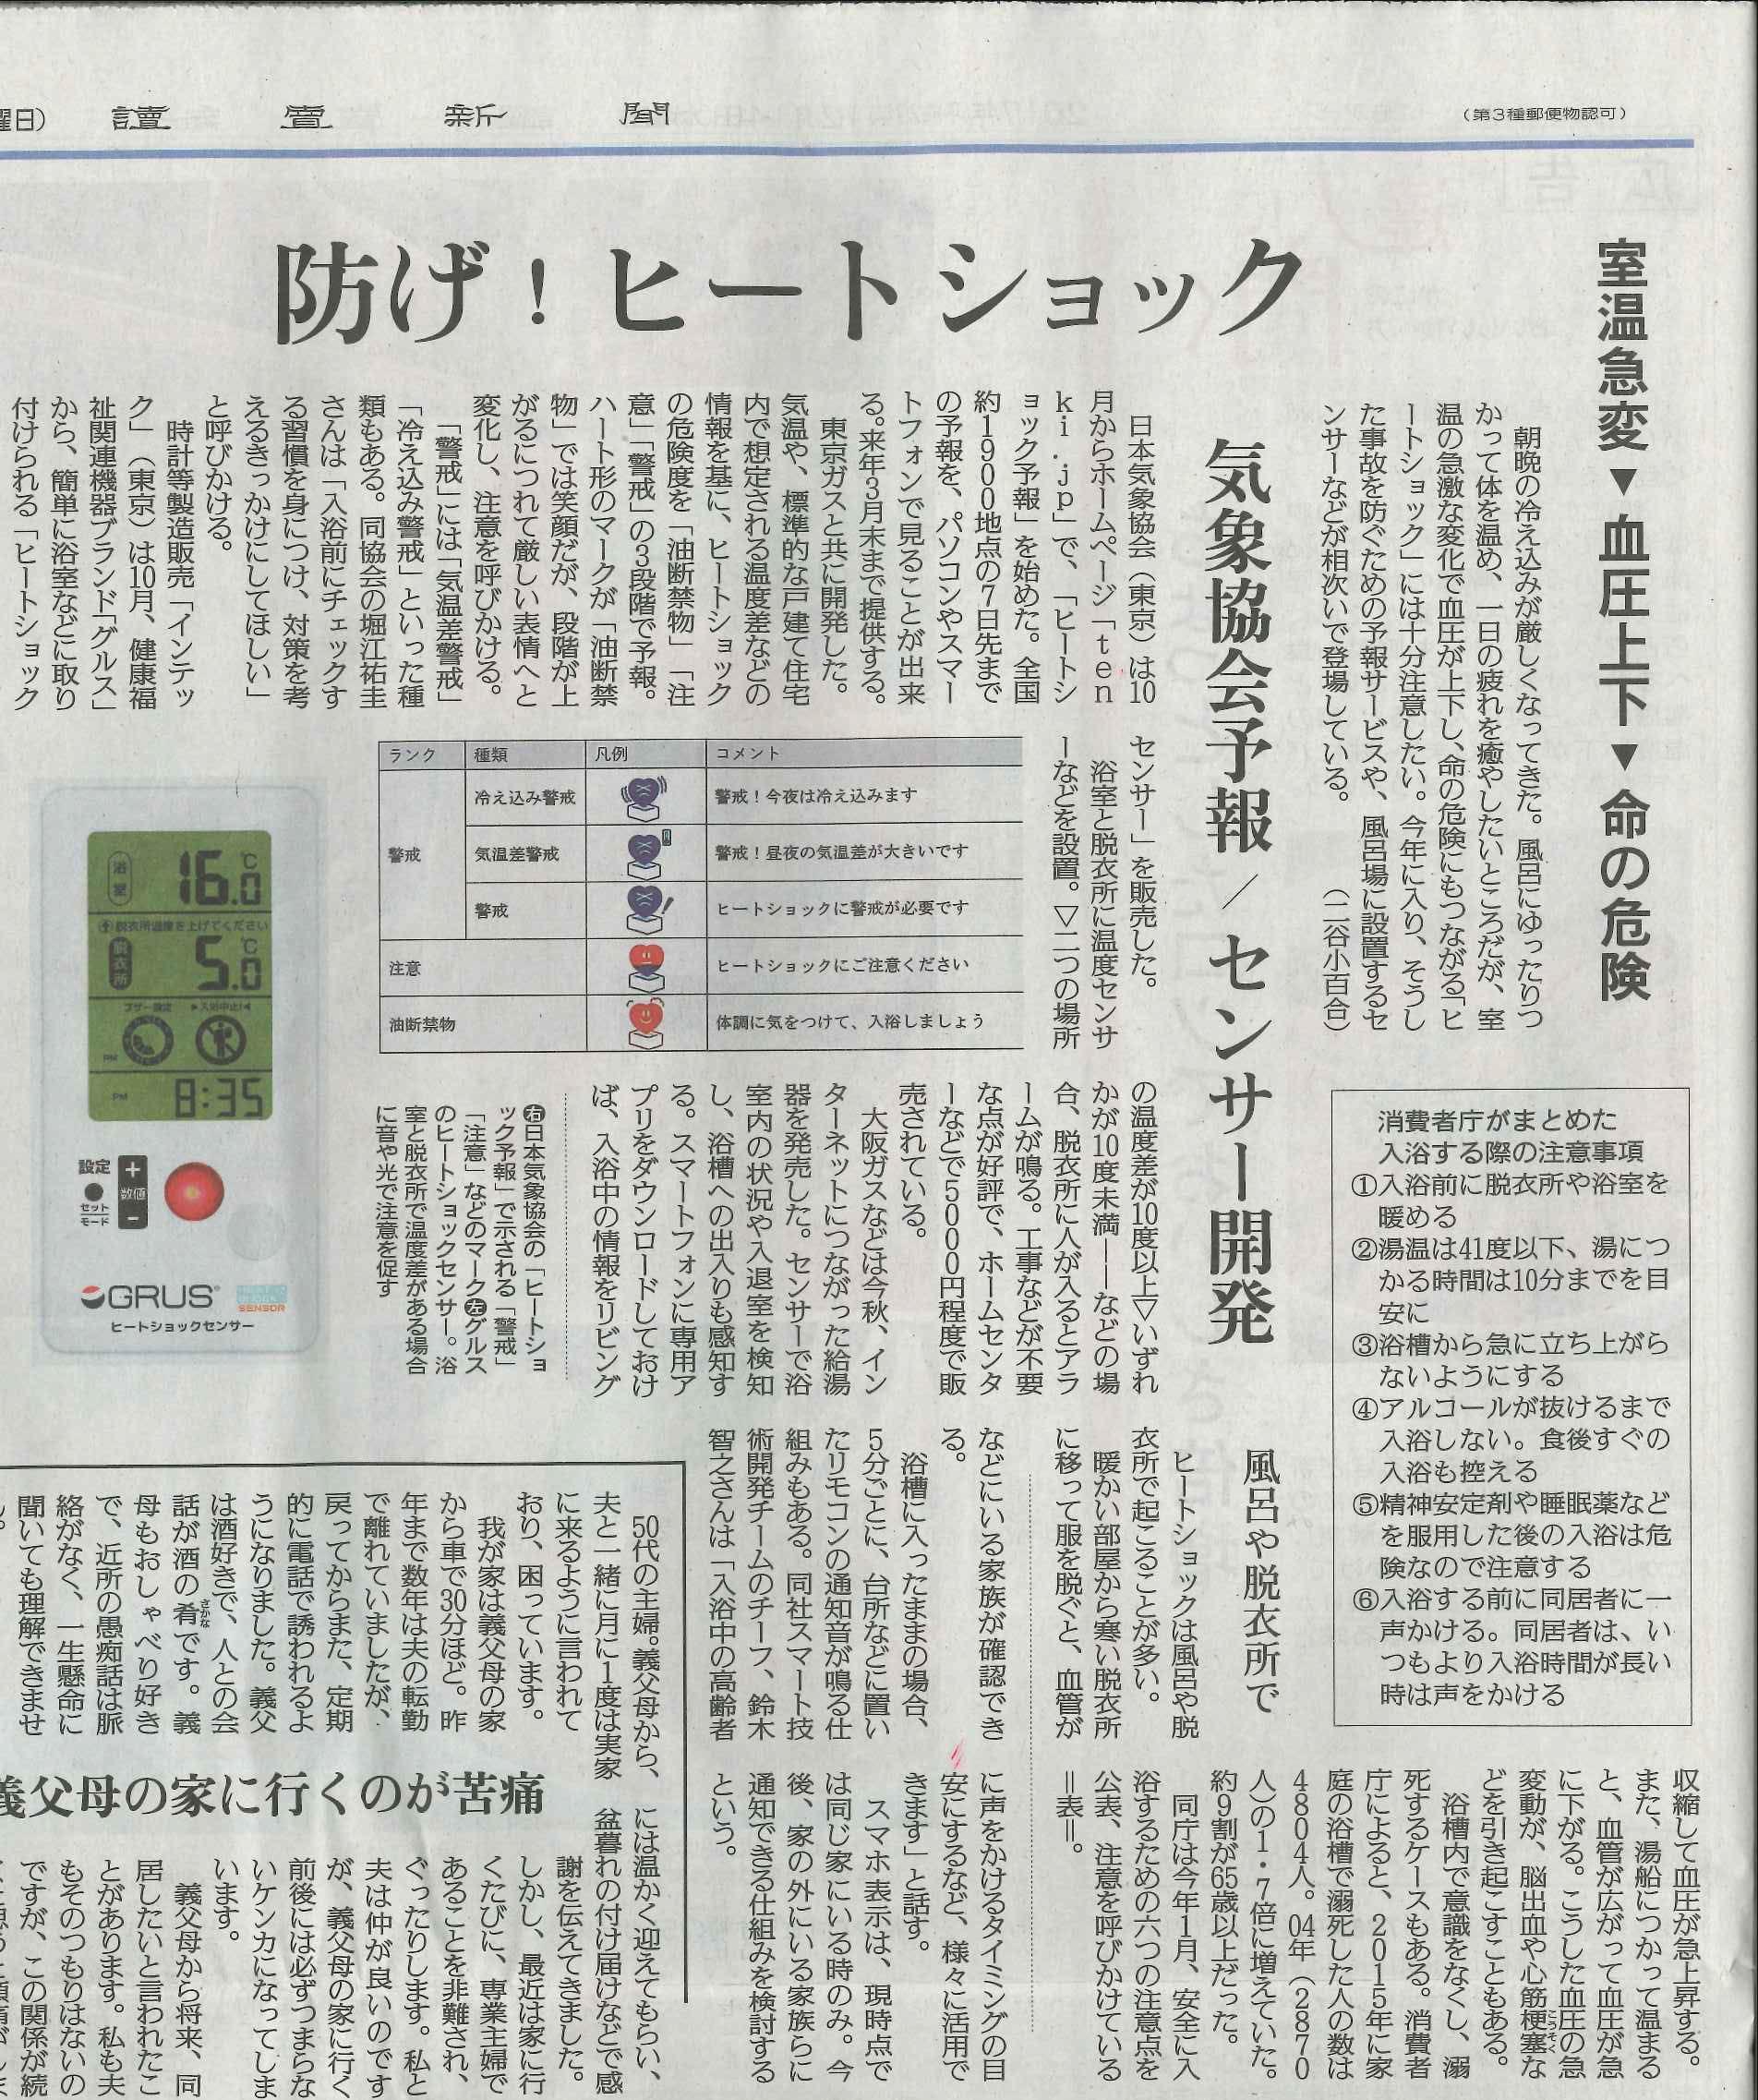 読売新聞ヒートショックセンサー